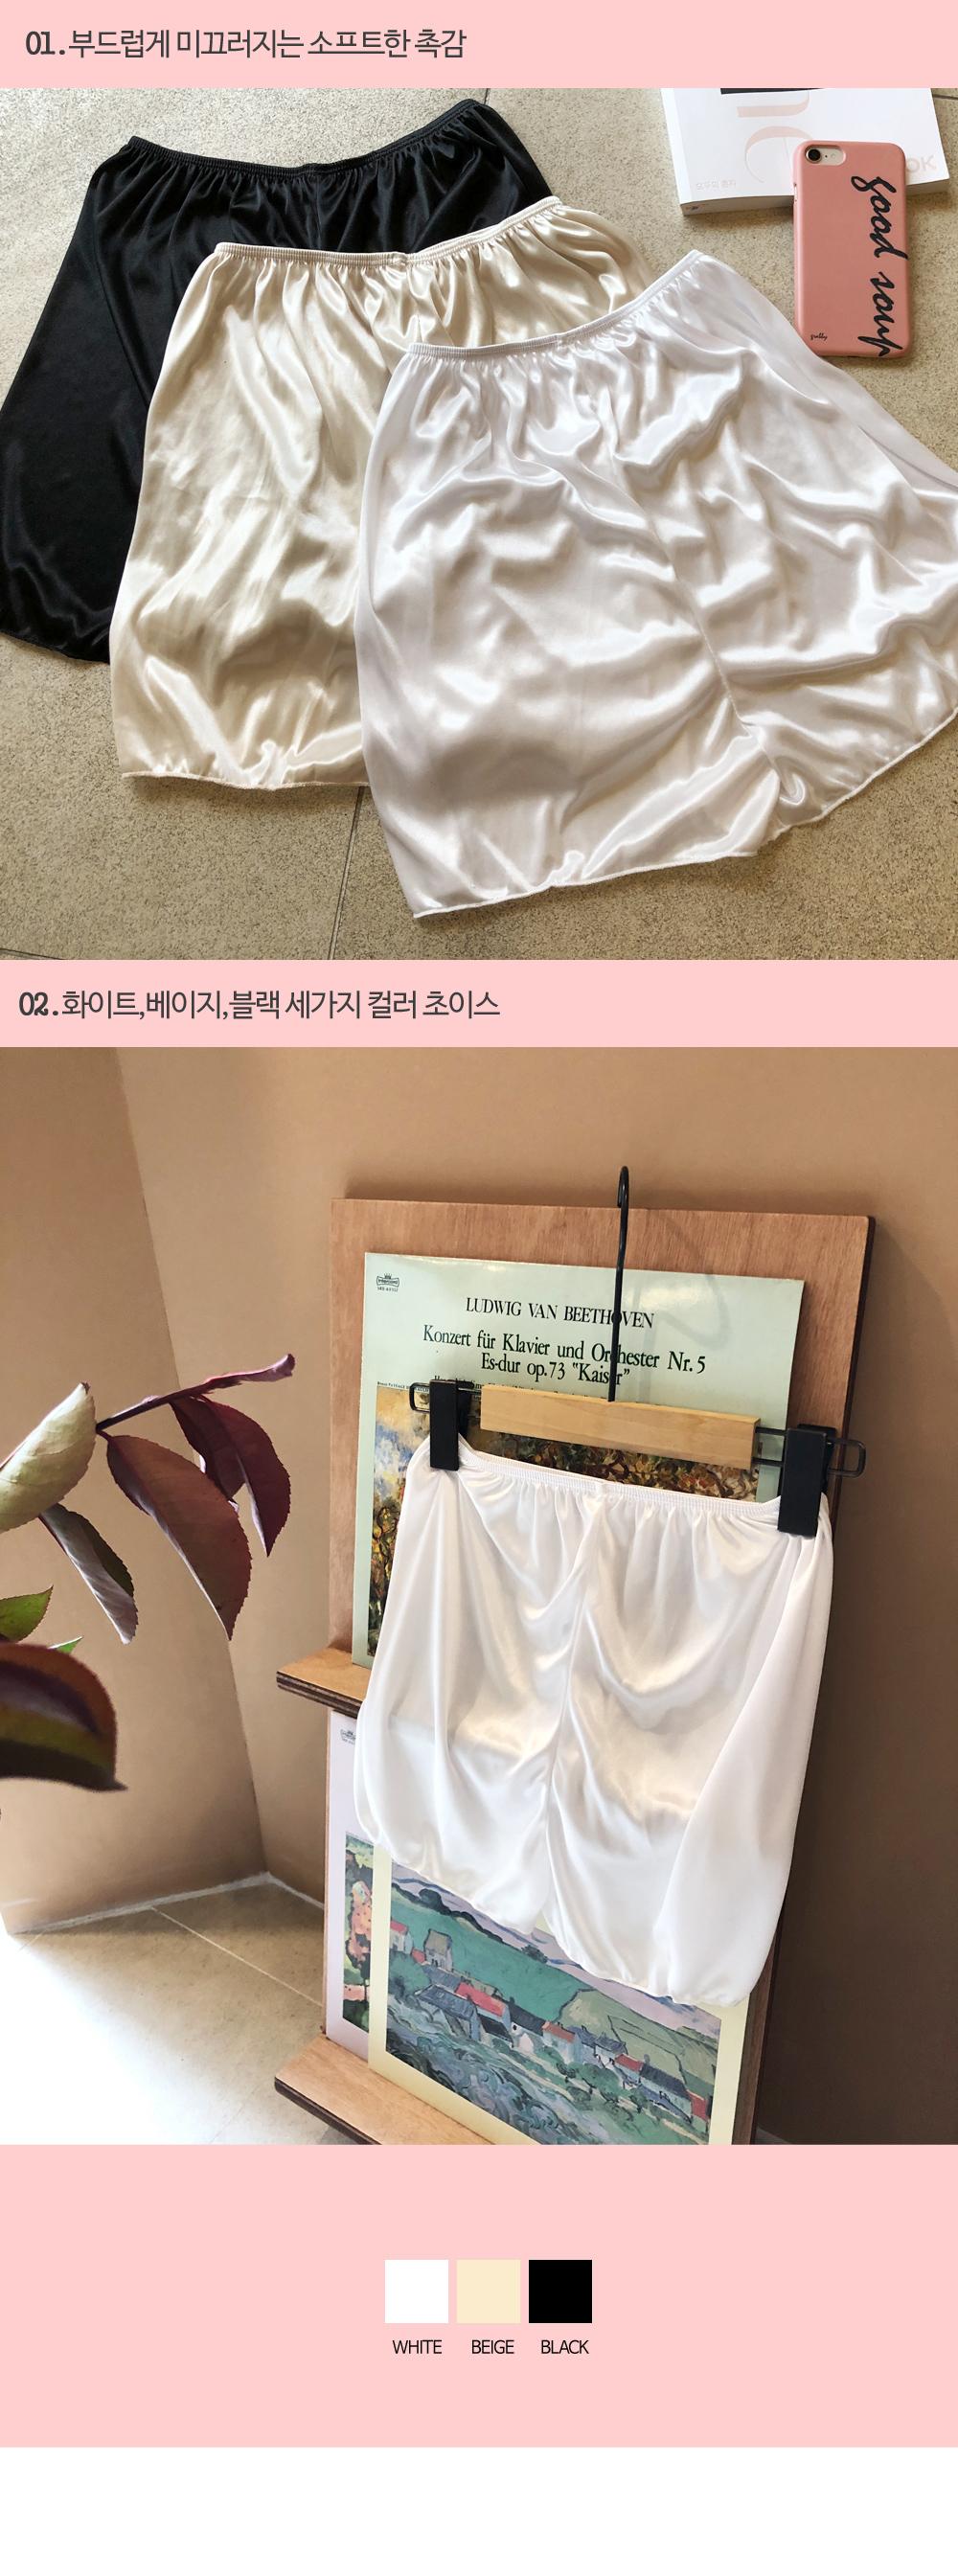 Ef silk underwear